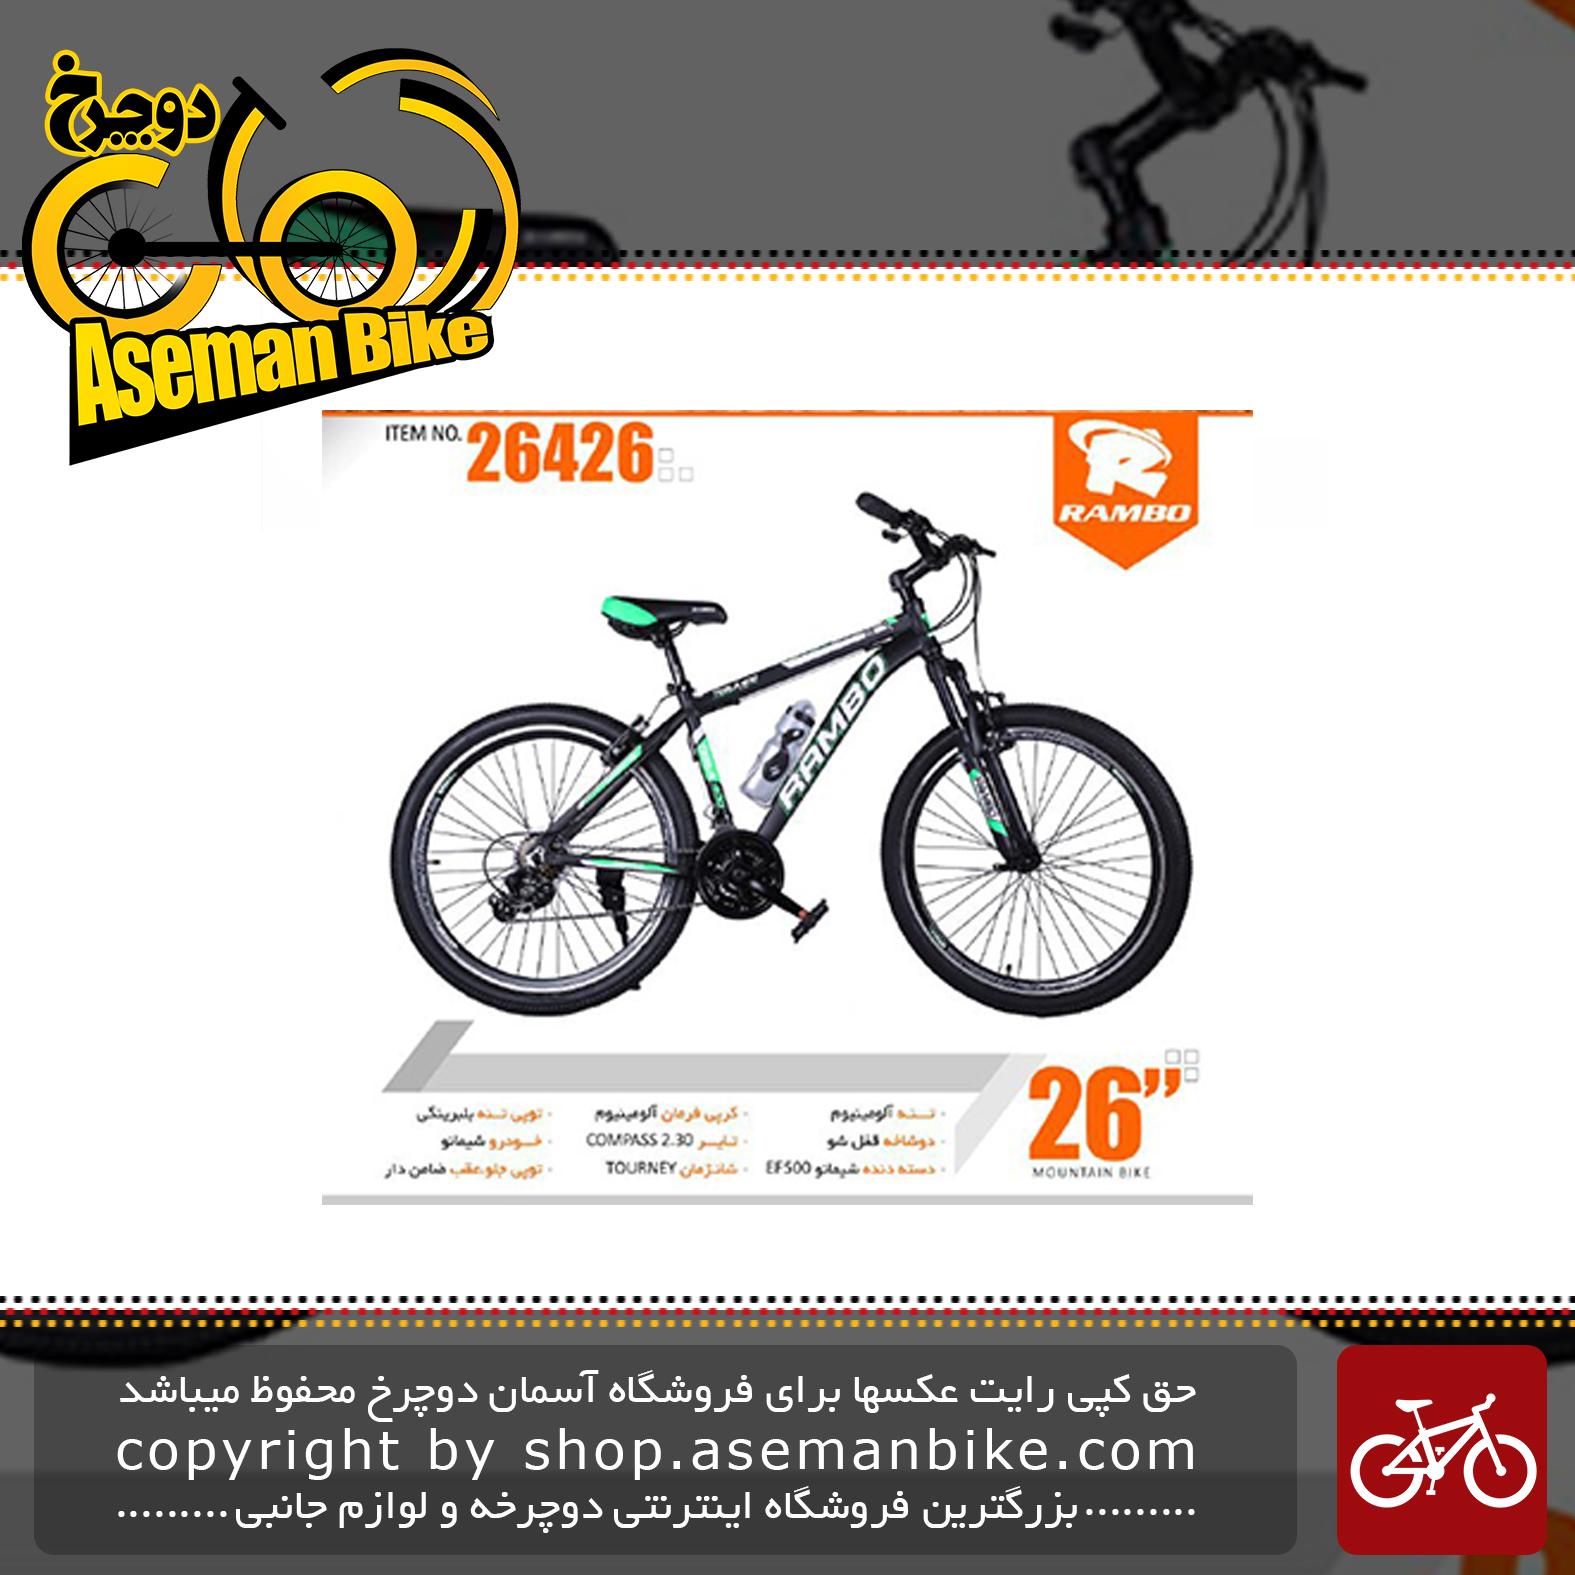 دوچرخه شهری رامبو سایز 26مدل تسلا RAMBO SIZE 26 TESLA